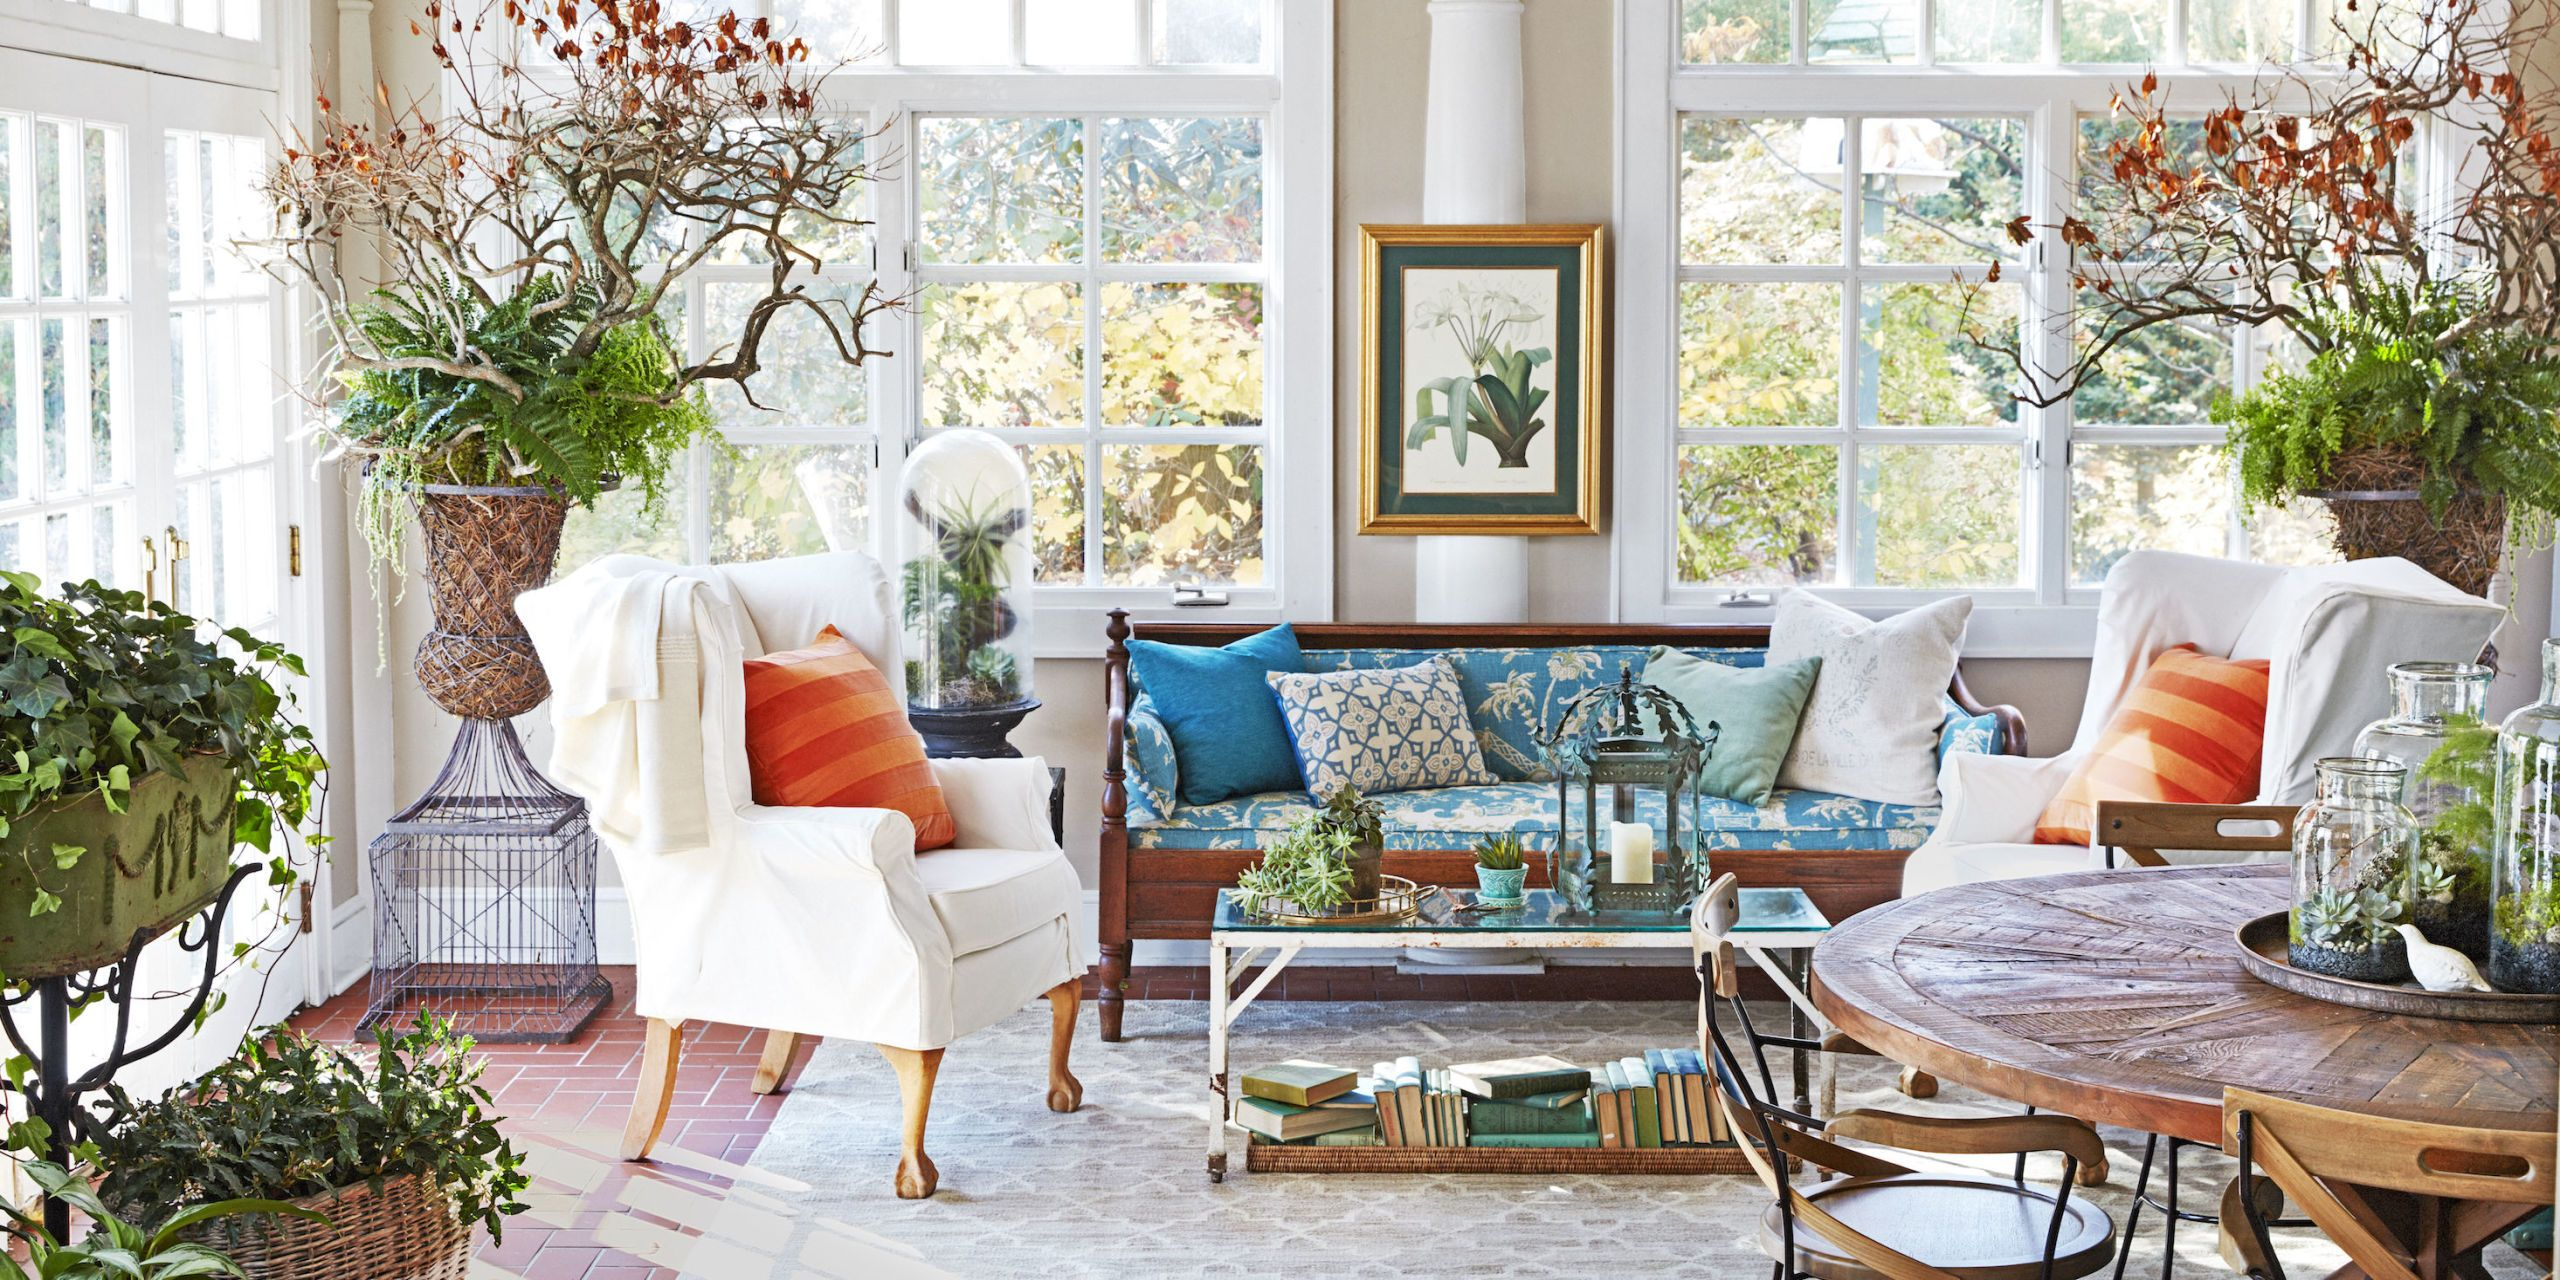 10 Sunroom Decorating Ideas